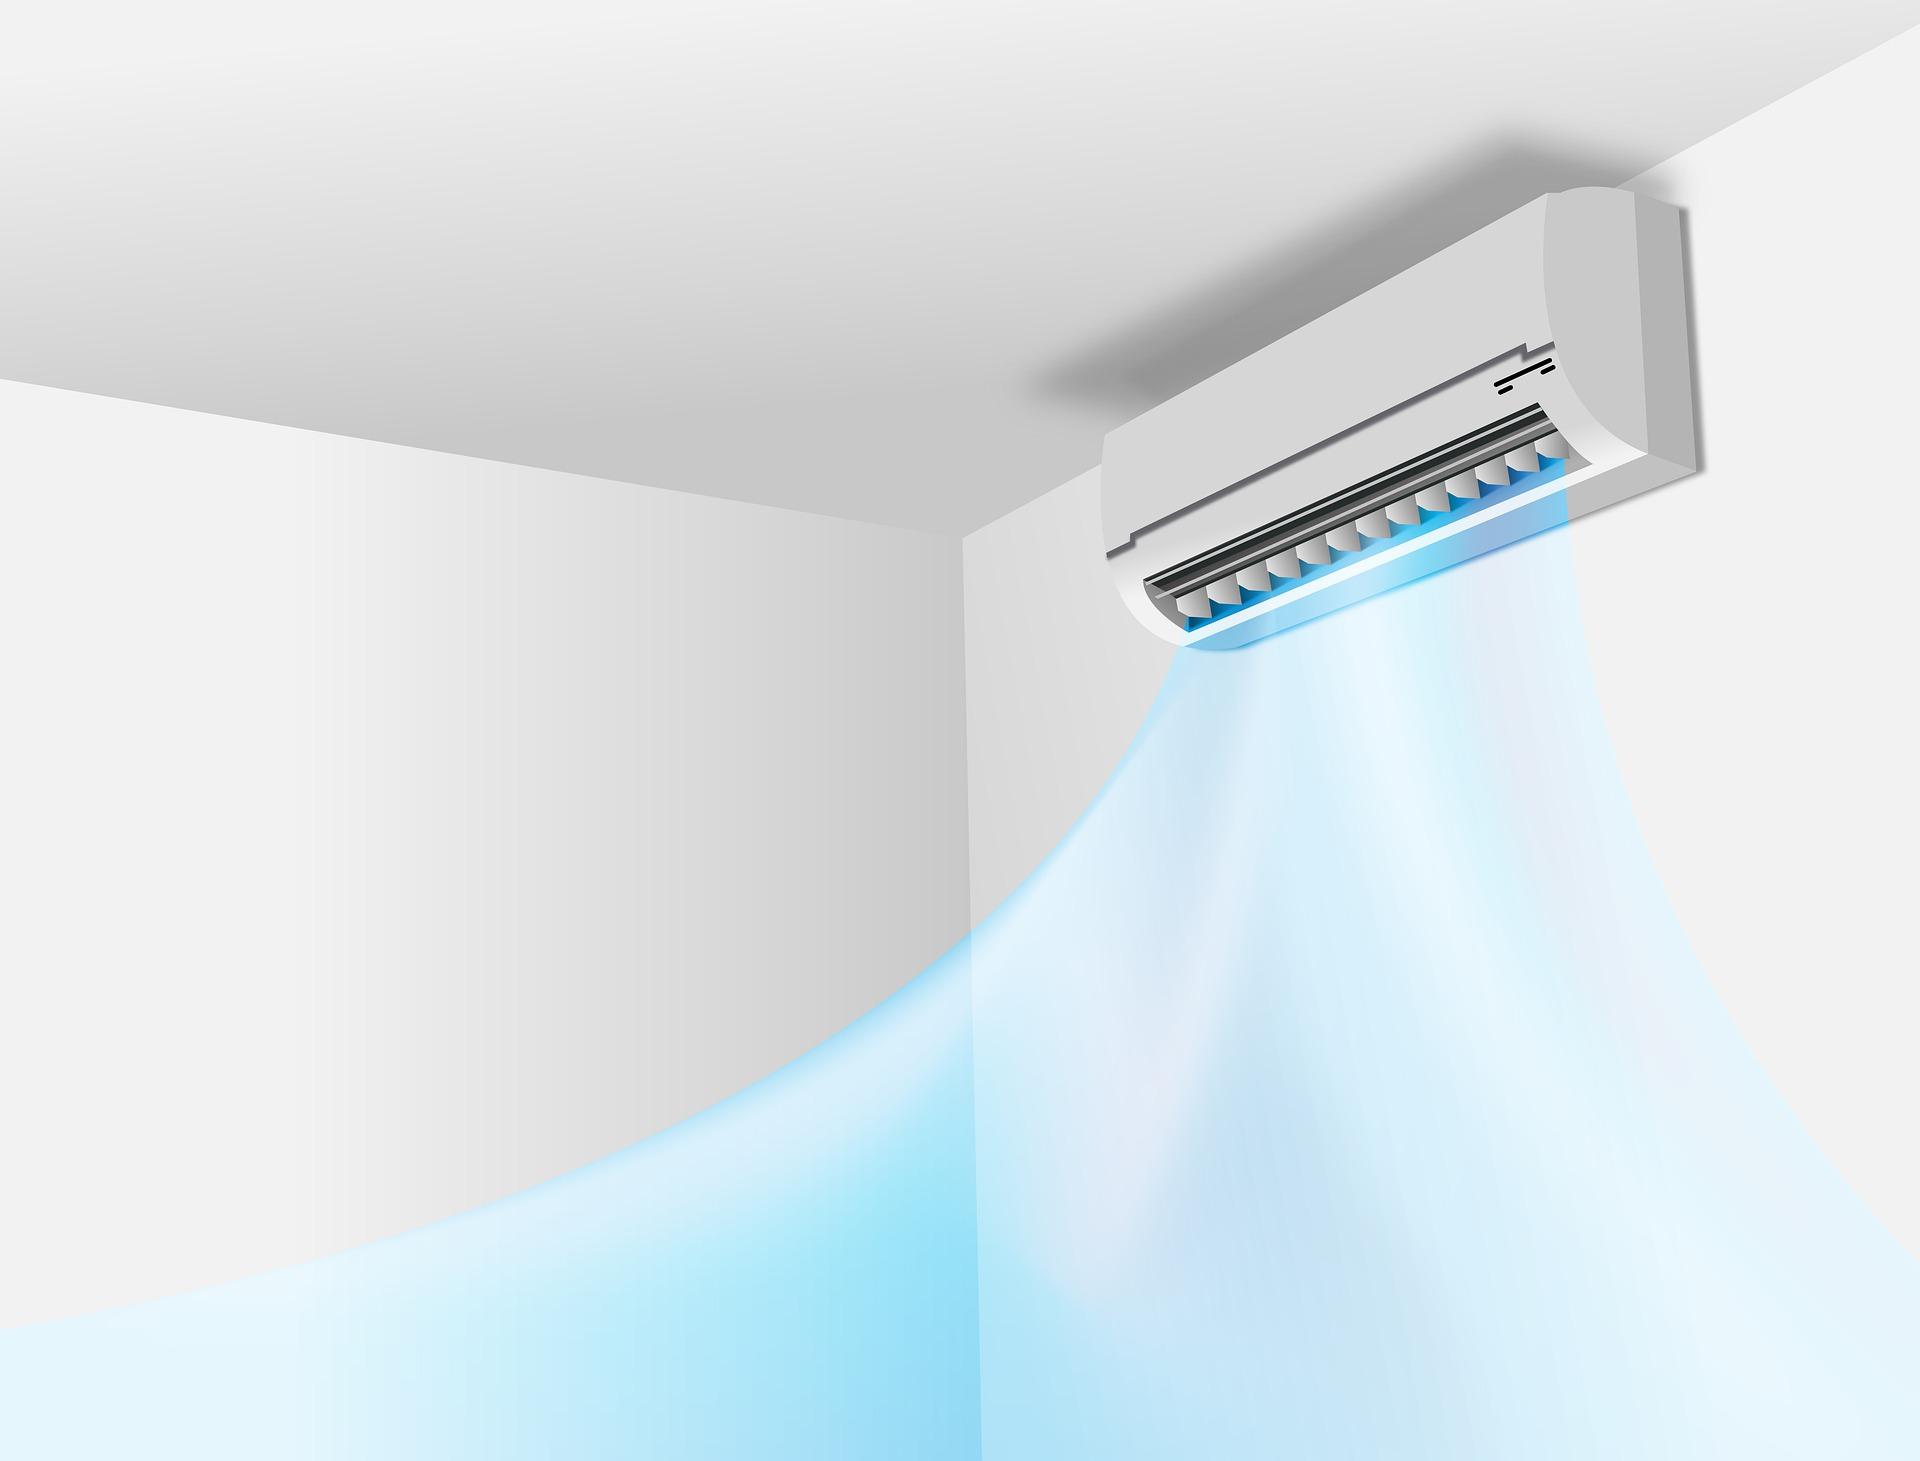 air-conditioner-4204637_1920